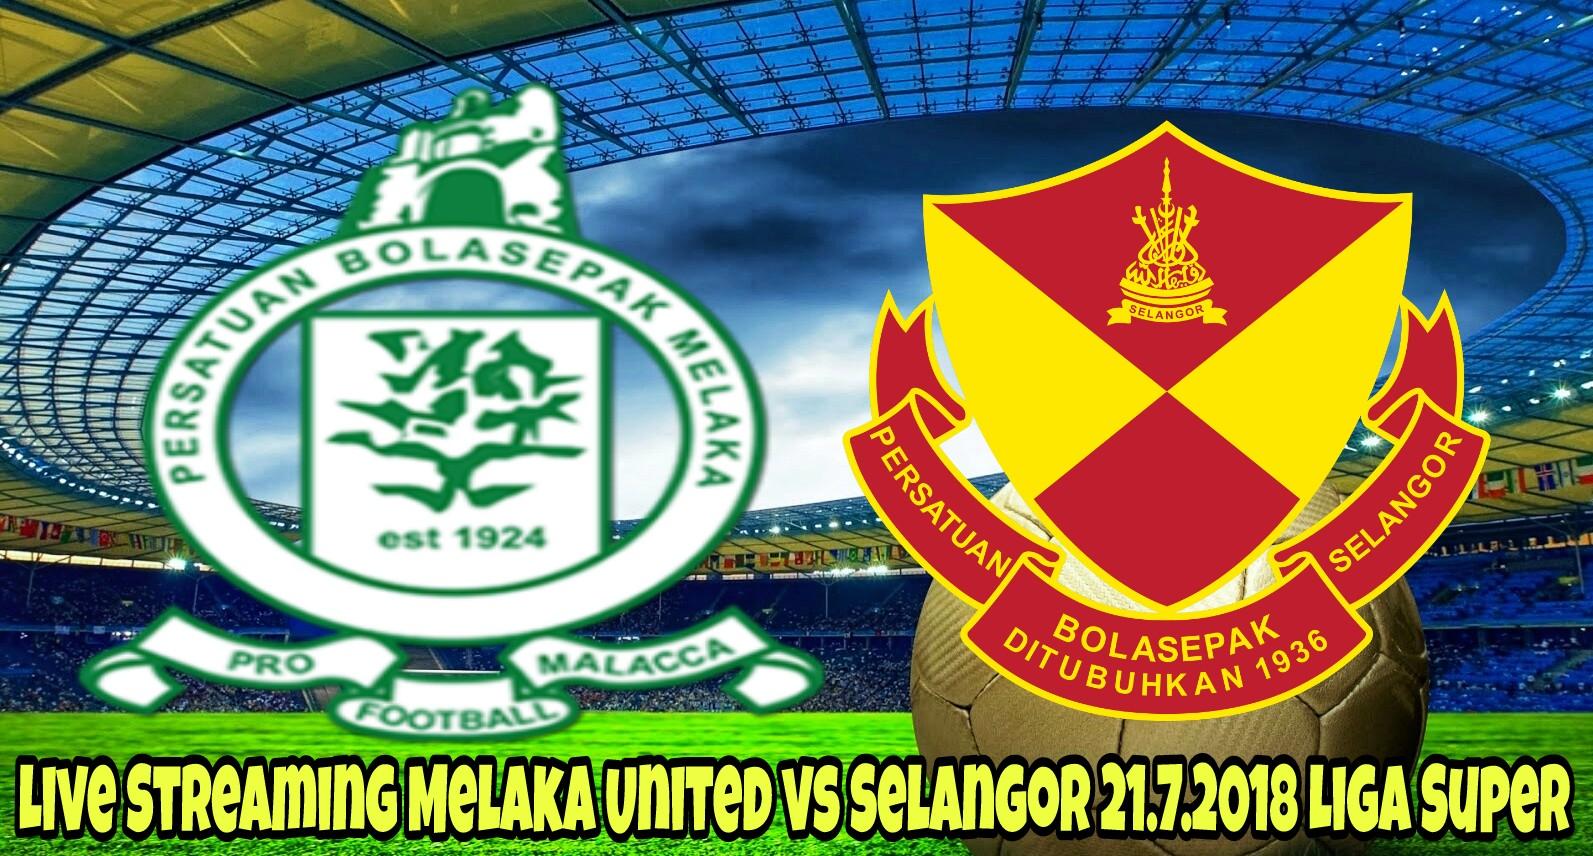 Live Streaming Melaka United vs Selangor 21.7.2018 Liga Super